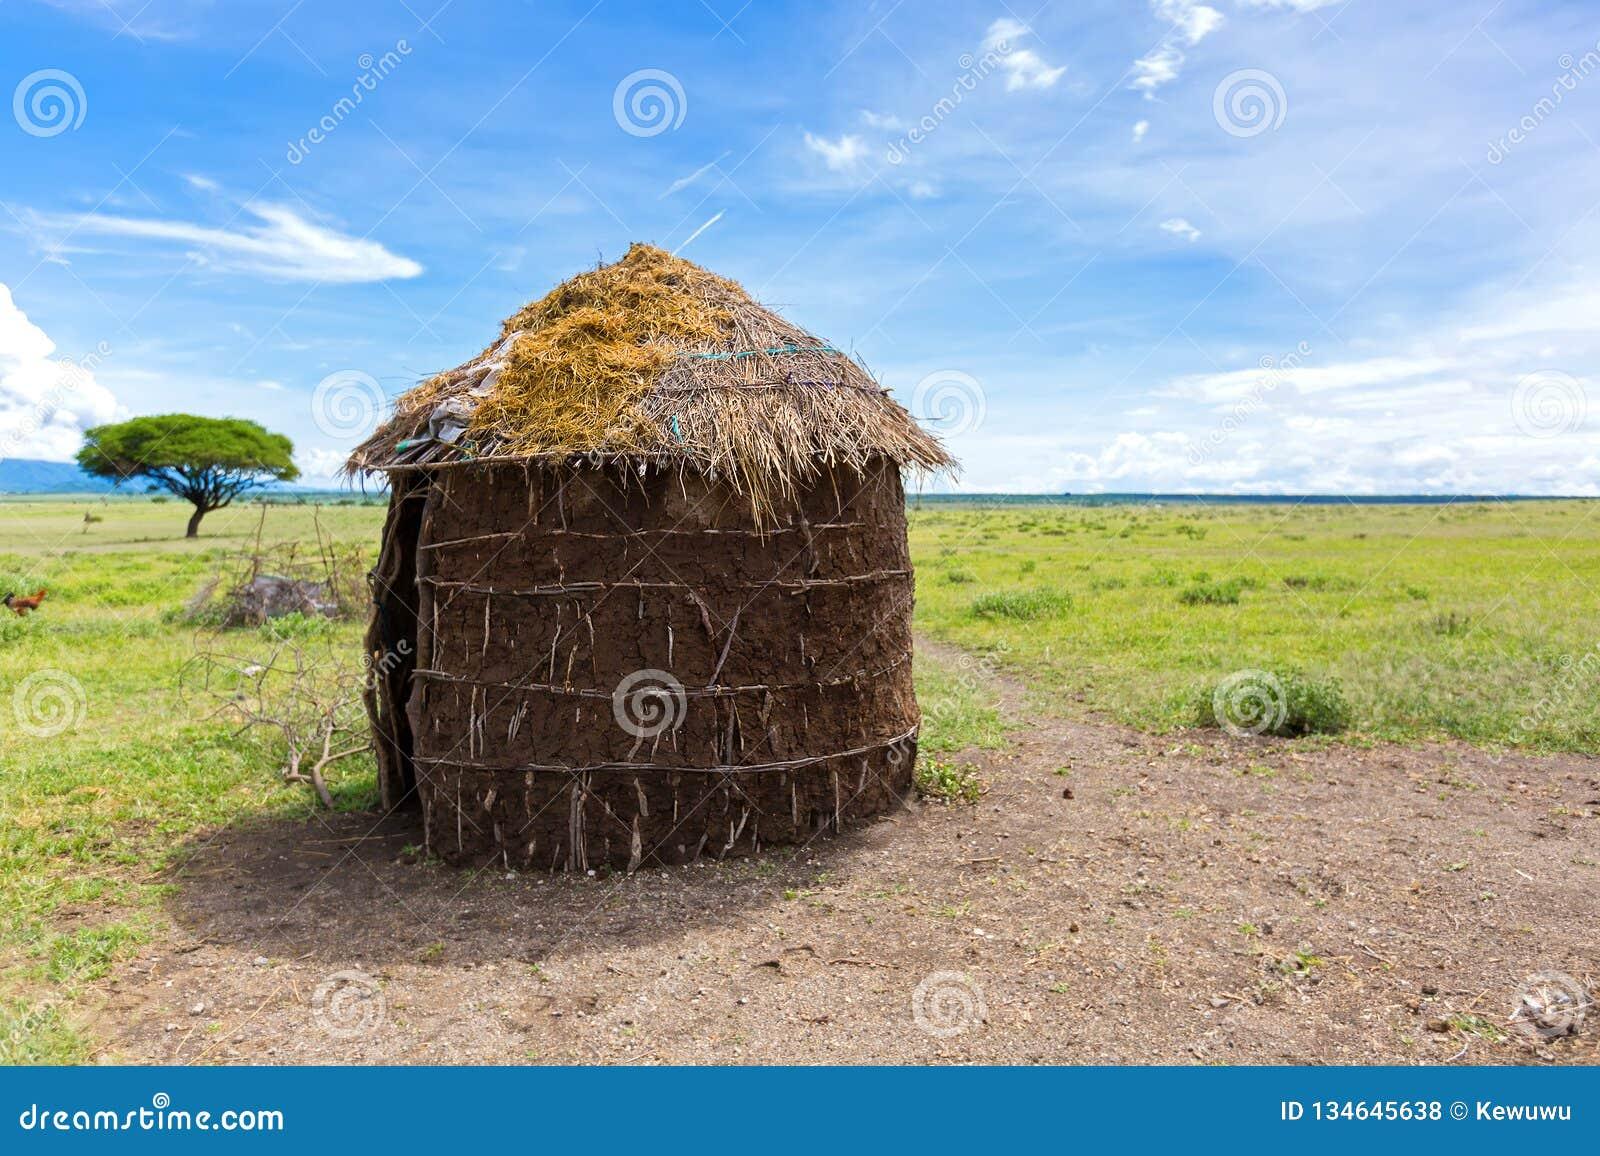 De Maasai 's schuilplaats, gevormd die cirkel met stro bedekt huis door vrouwen in Tanzania, Oost-Afrika wordt gemaakt